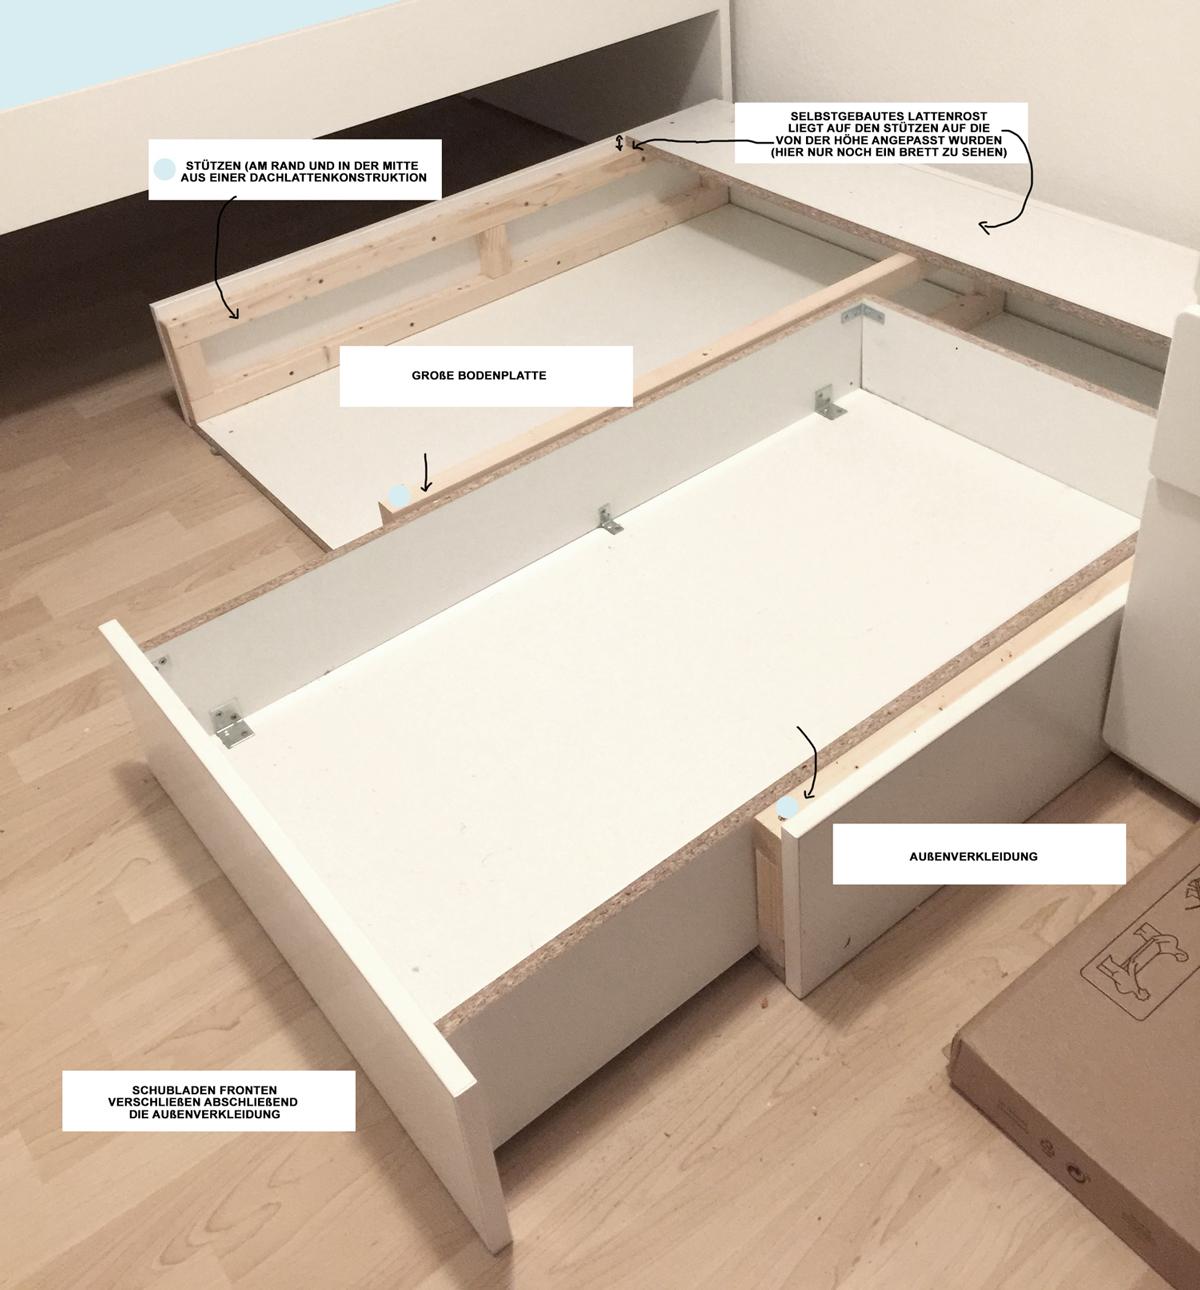 Bild von der Unterkonstruktion Hausbett